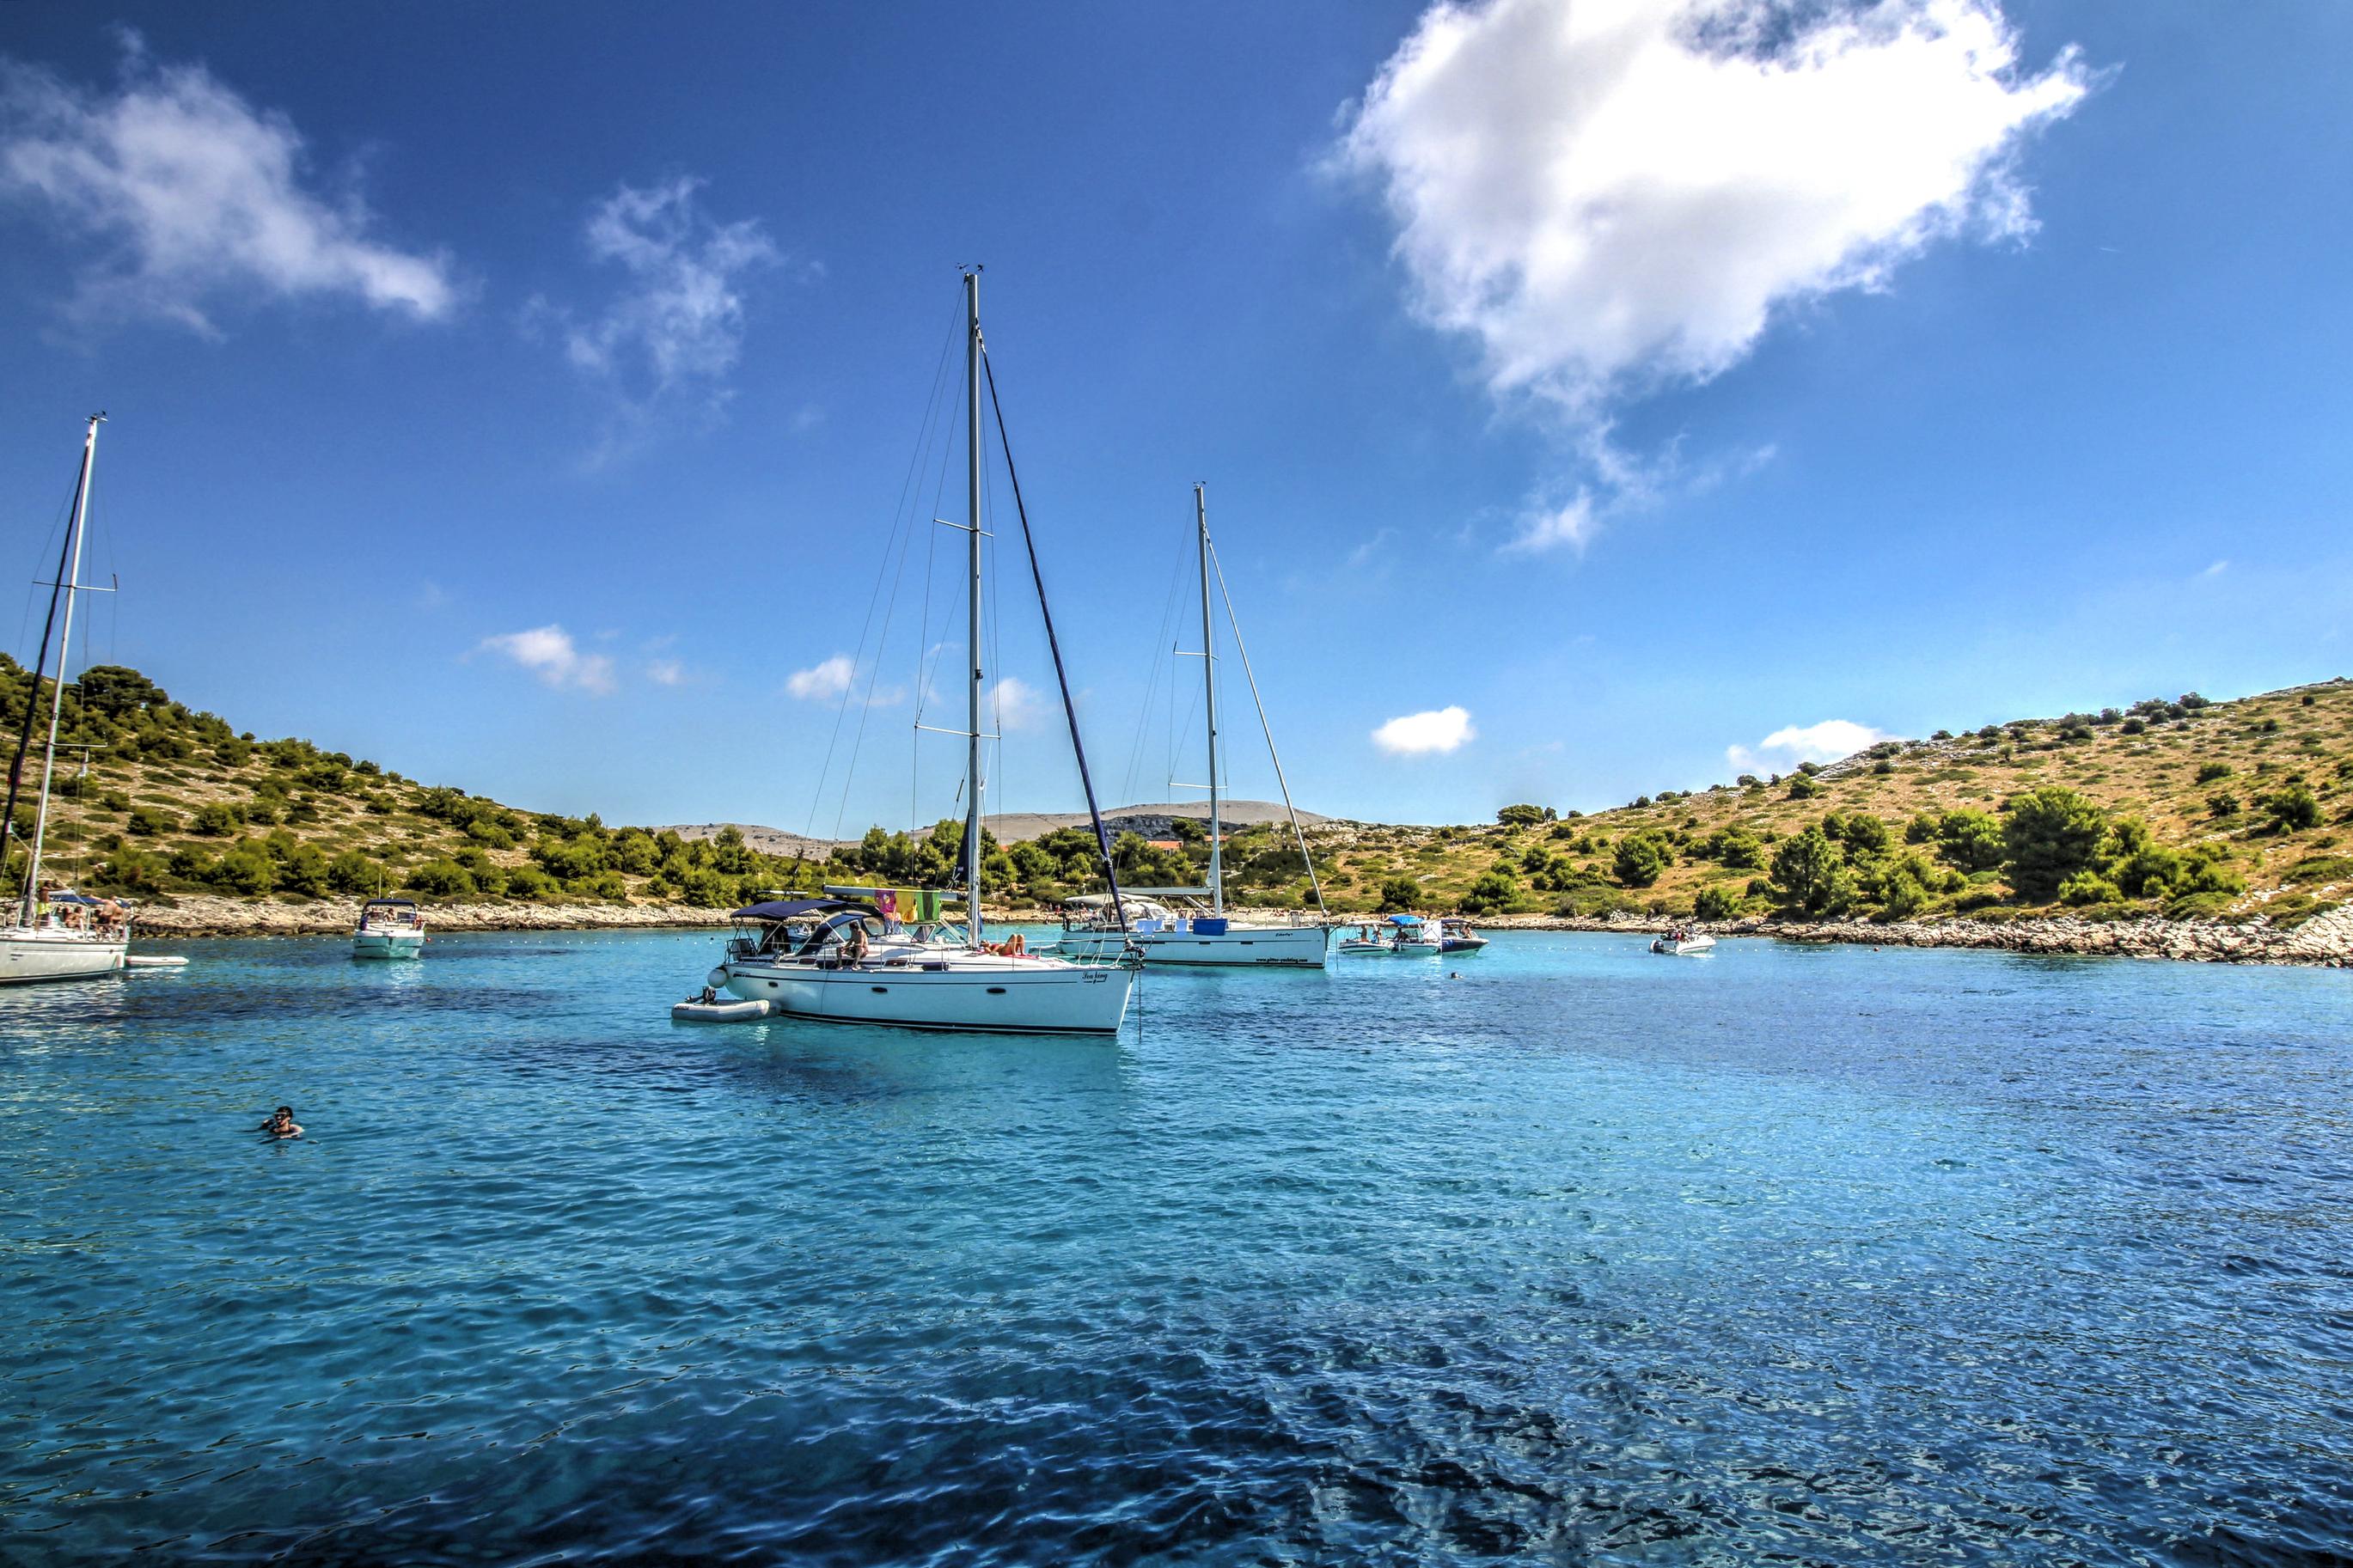 Att hyra båt i Kroatien genom MS Marintjänst är ert nöje. Ni kan räkna med hög personlig service och att vi gör allt för att er båtchartersemester i Kroatien ska bli en helt oförglömlig upplevelse